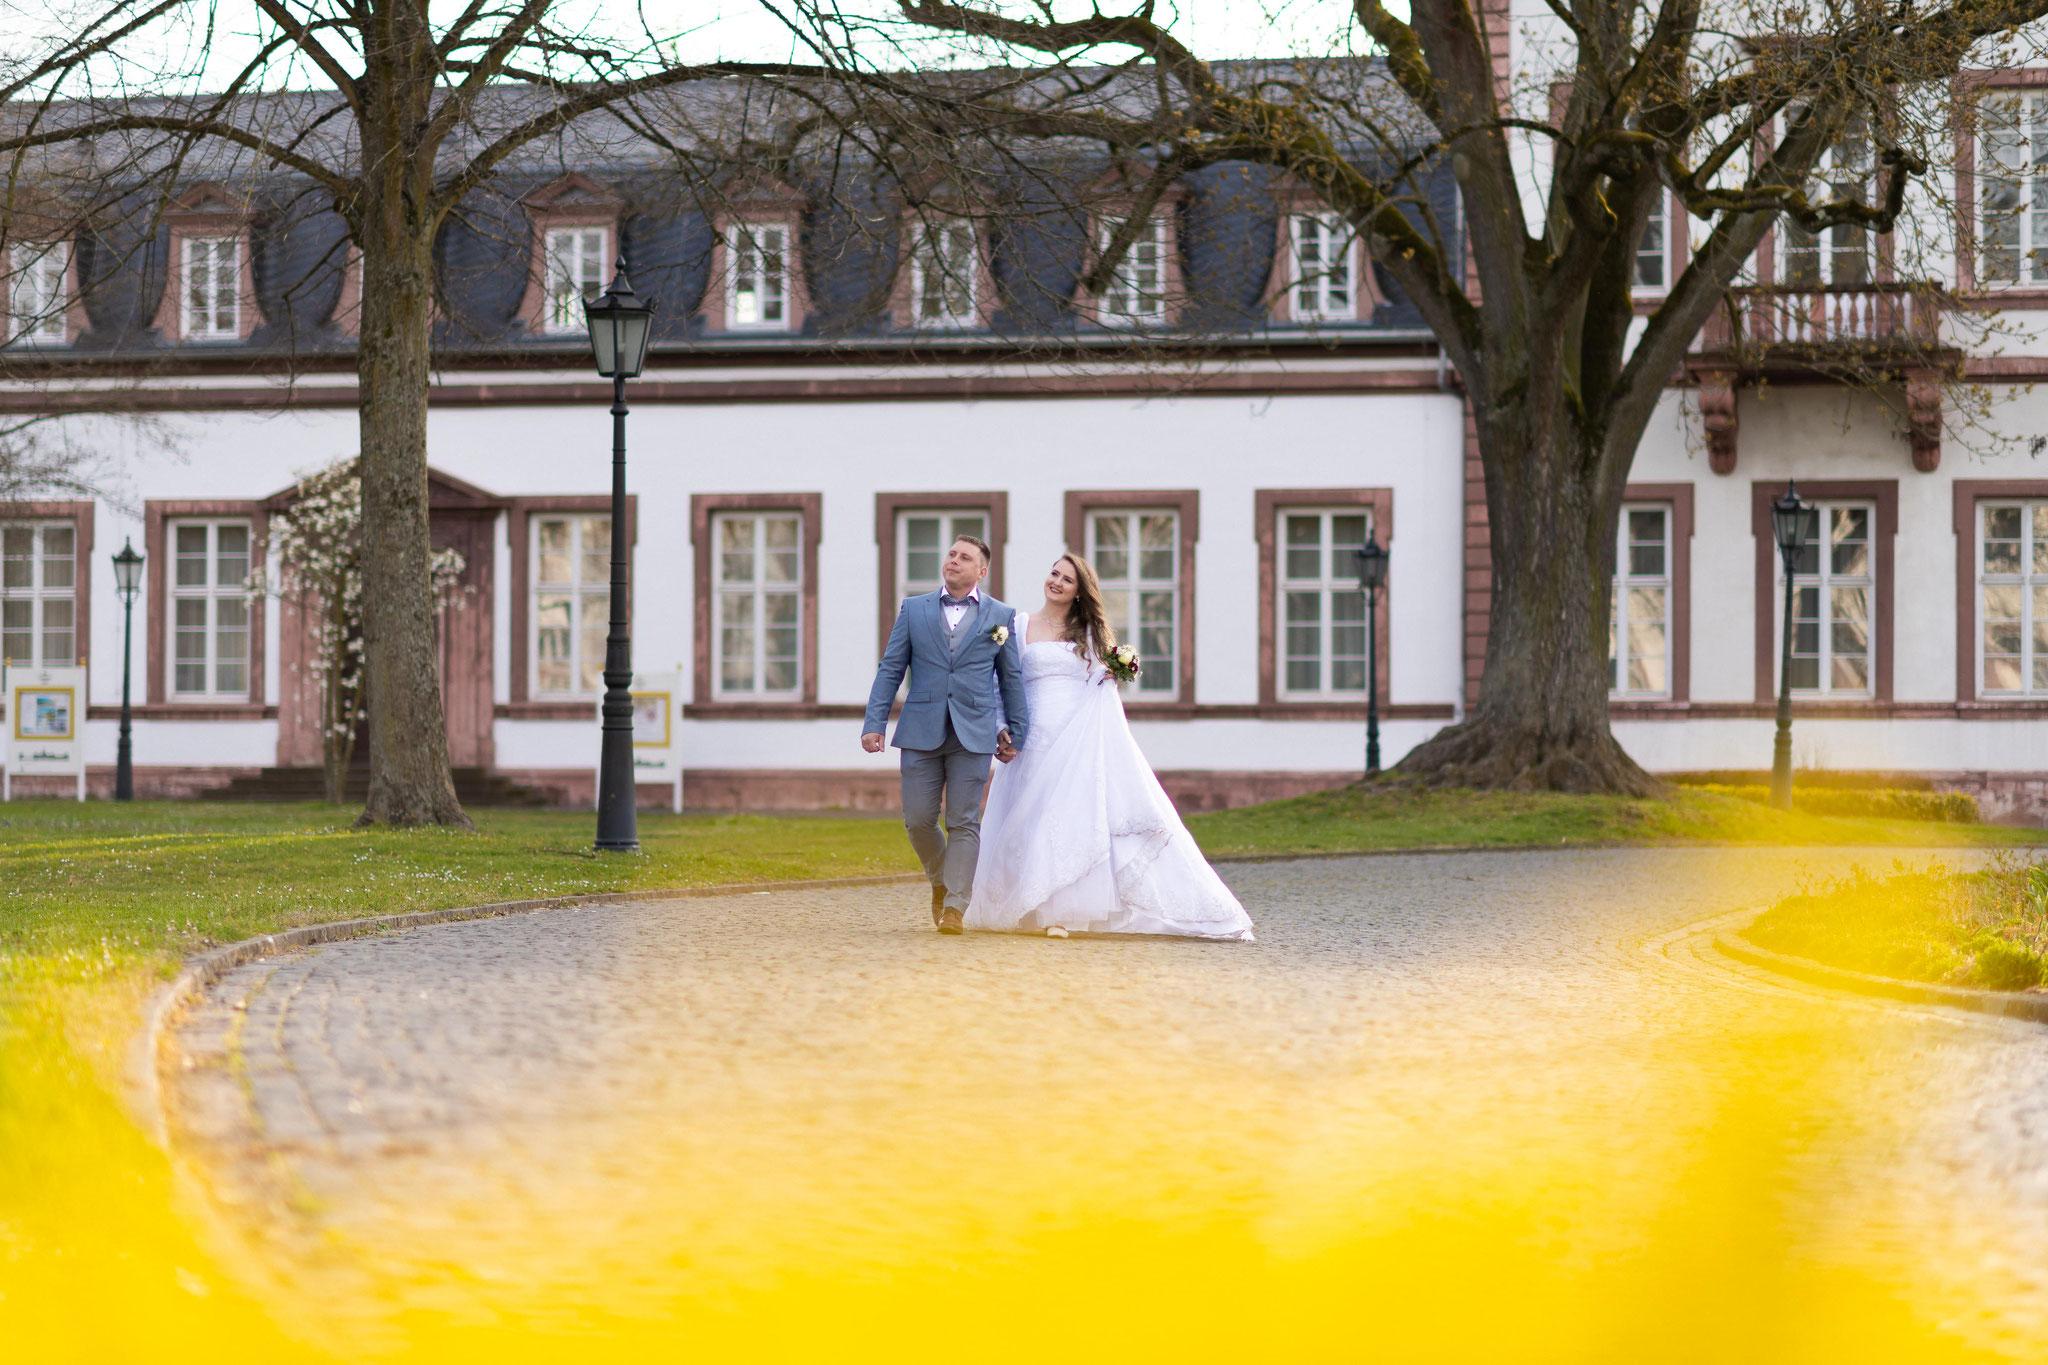 Mein Hochzeitsfotograf für Hochzeitshooting in Hanau im Schlosspark Philippsruhe